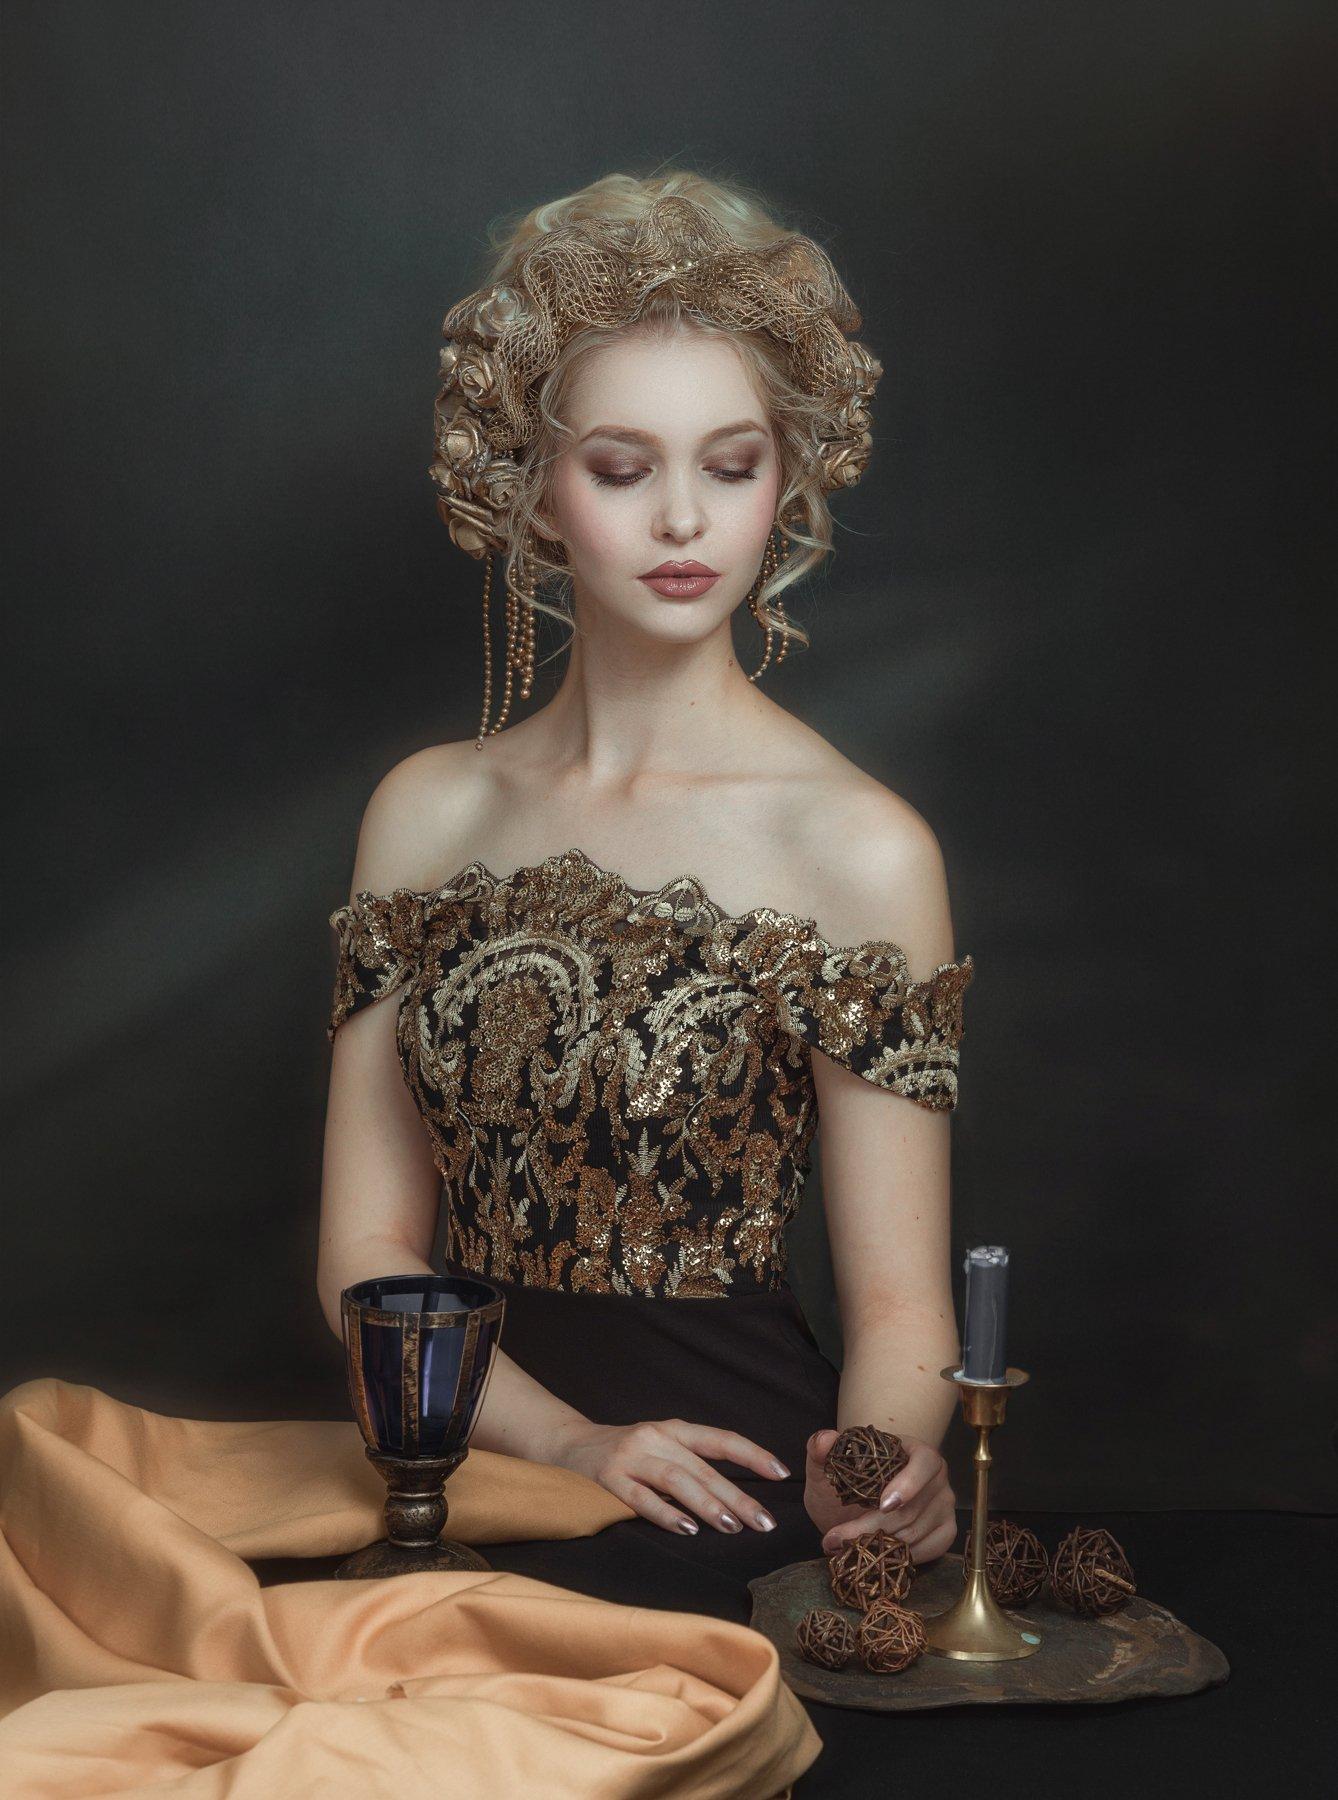 портрет , взгляд ,красивая девушка , цвет ,волосы , красивые губы ,нежность , таинственность, Kholodova Natalia